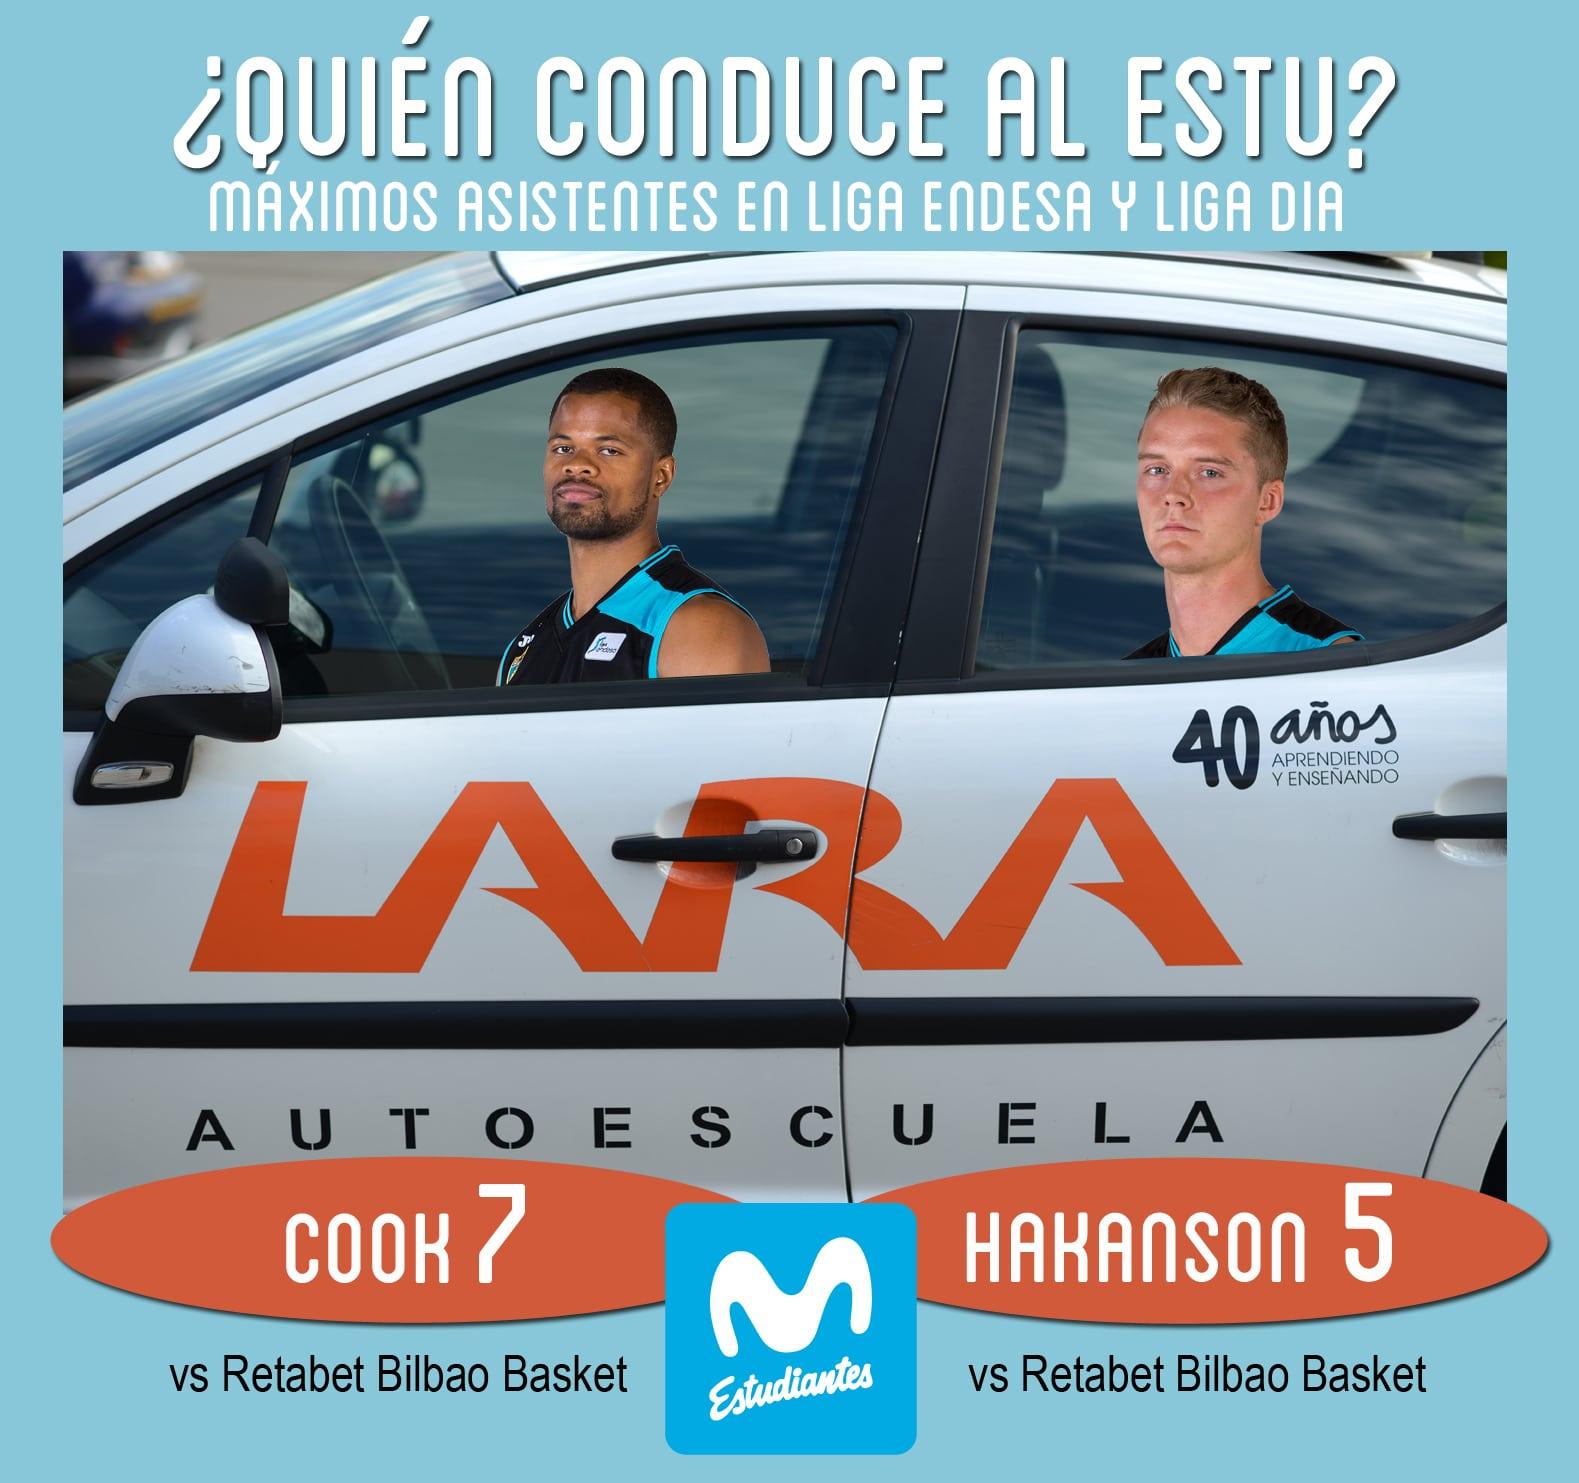 Conductores Autoescuela Lara: Omar Cook y Ludde Hakanson